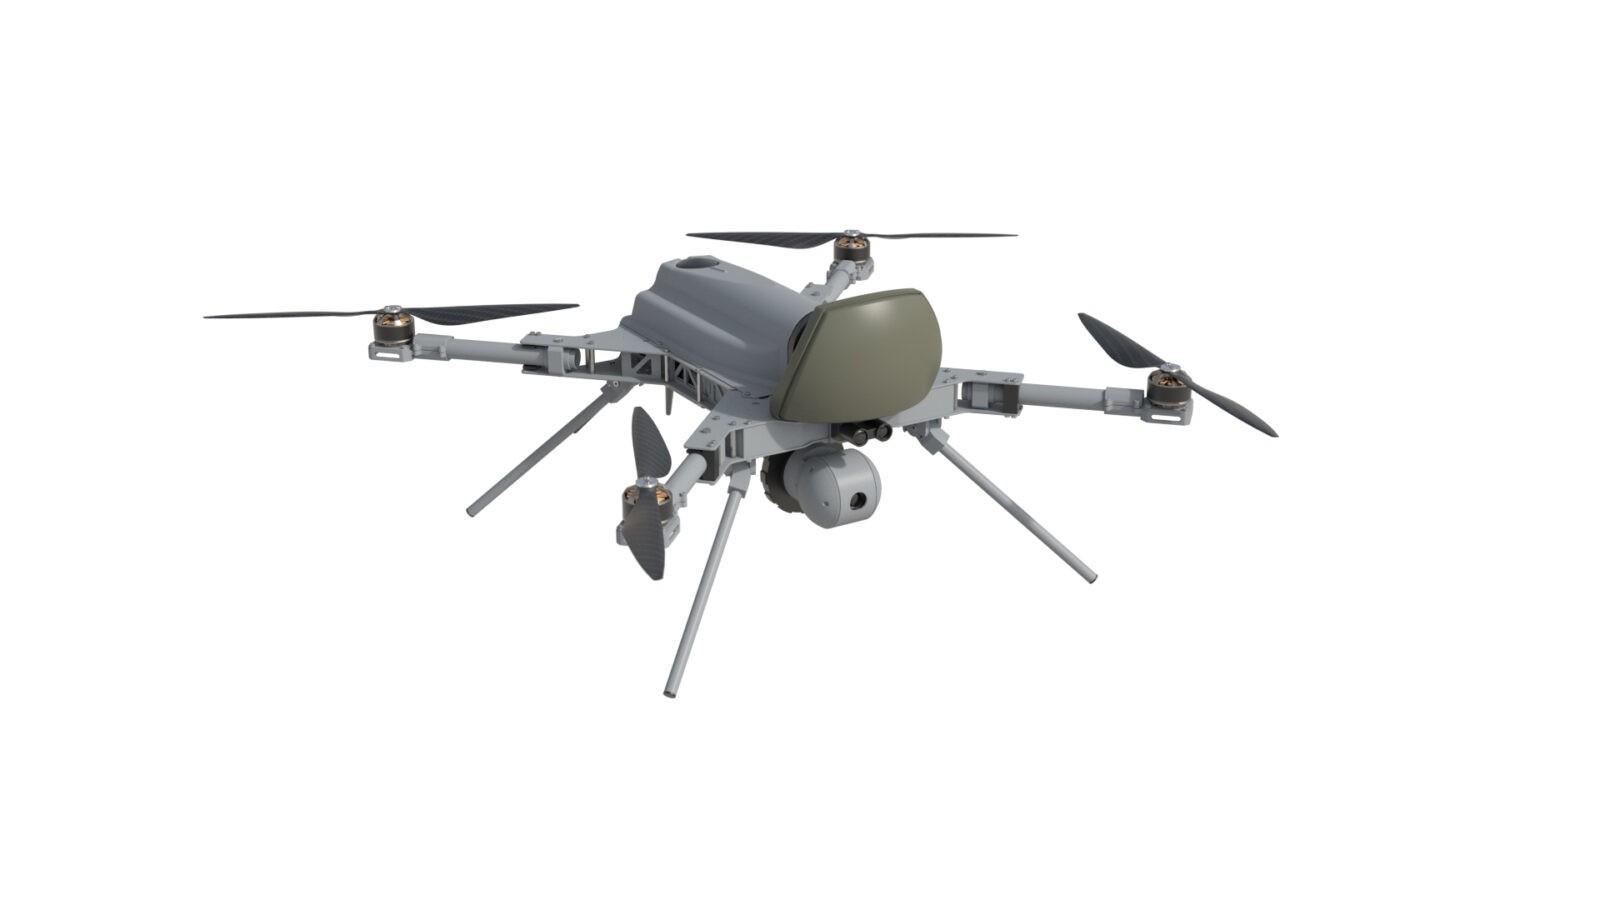 Турецкие дроны Kargu-2 автономно искали и уничтожали военных Хафтара в Ливии